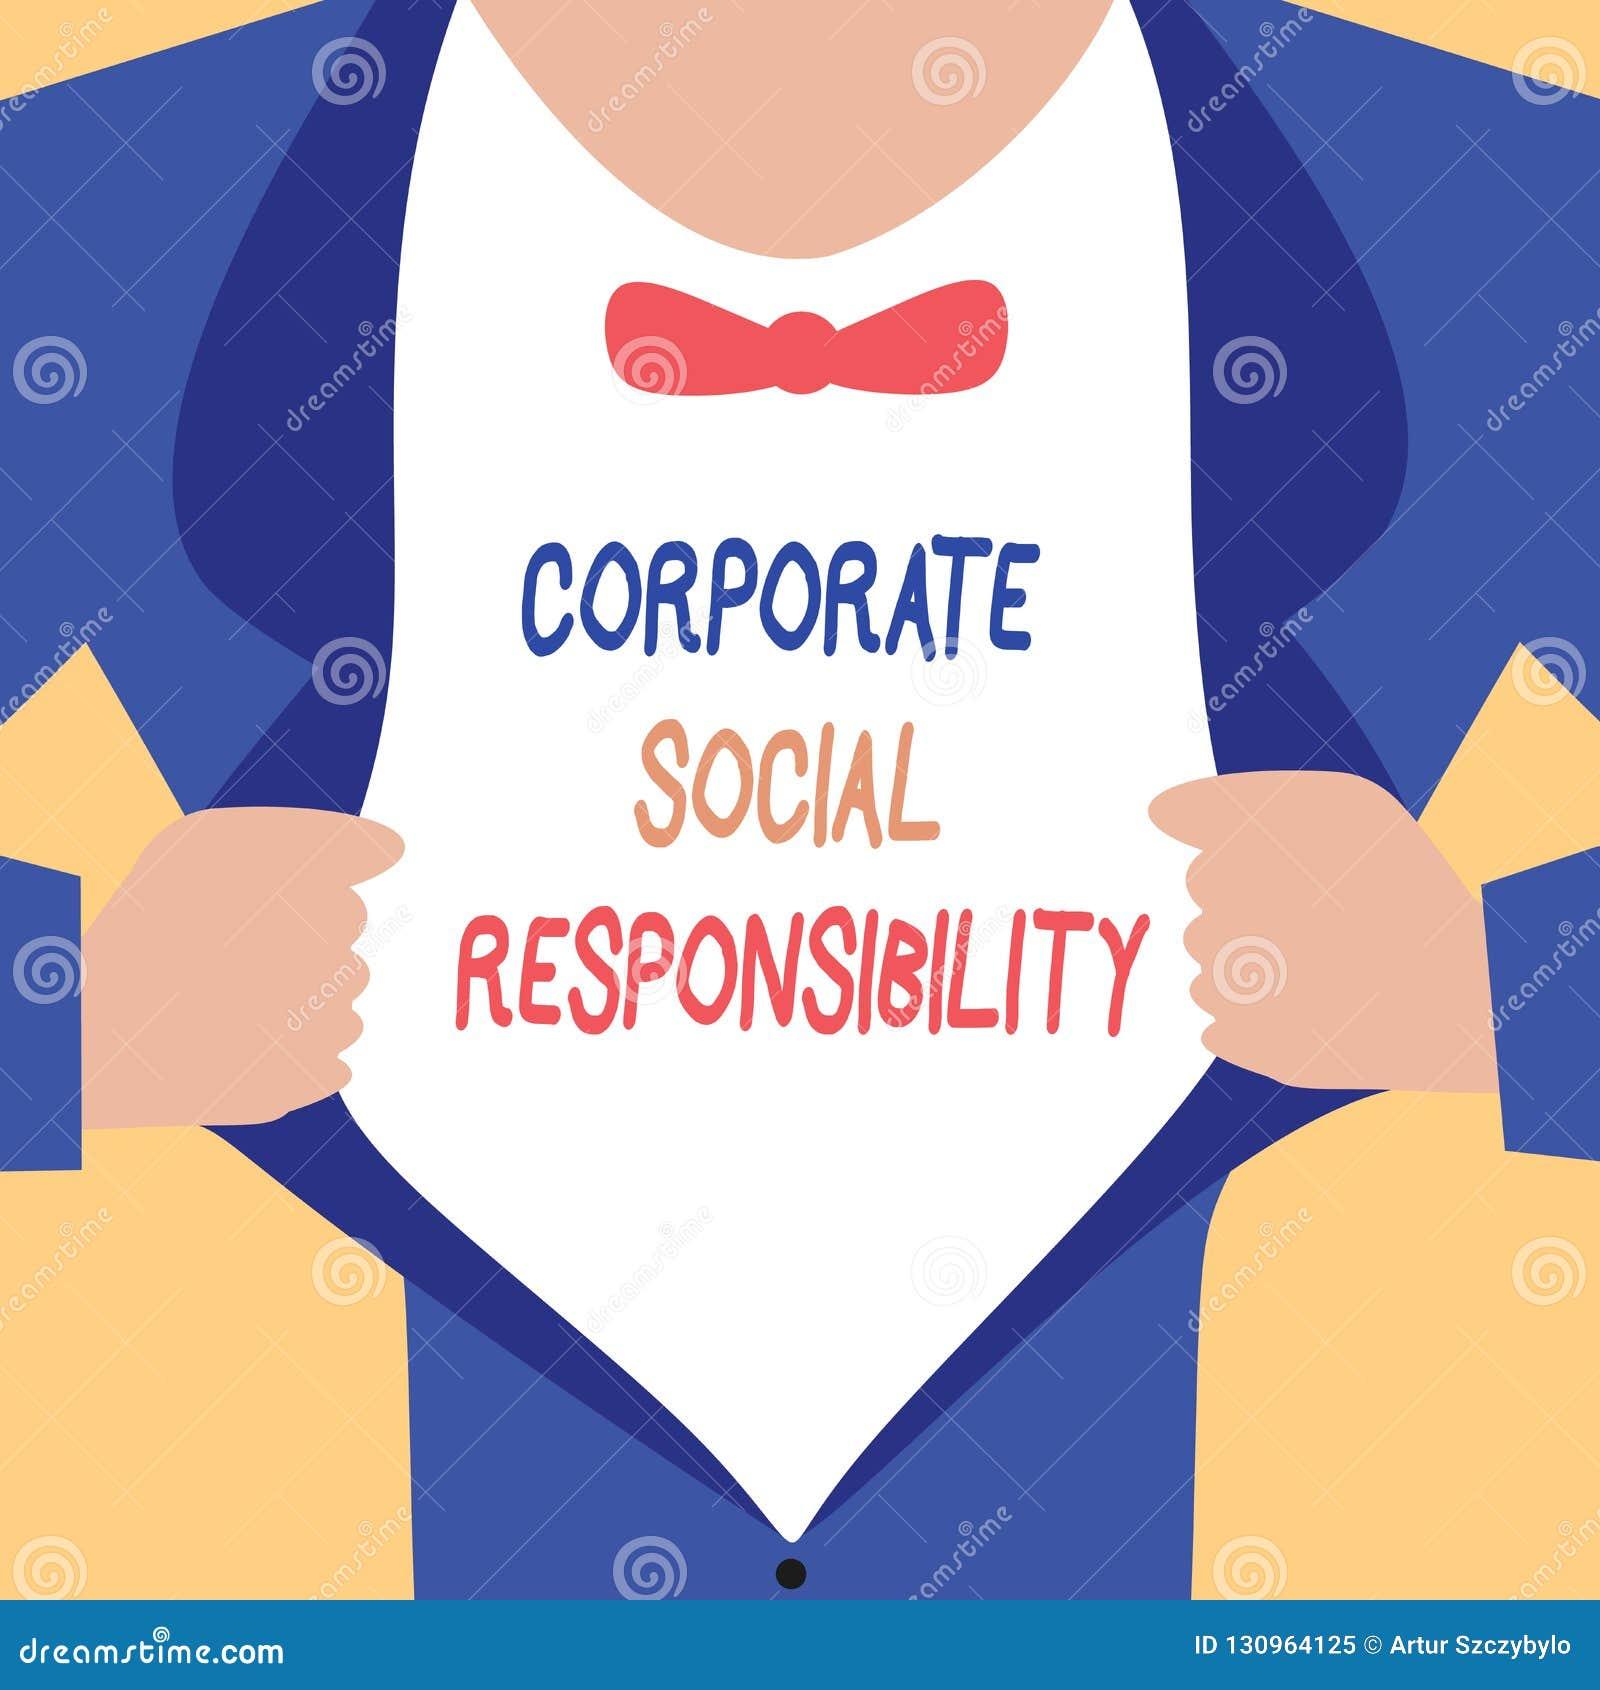 Текст почерка писать корпоративную социальную ответственность Концепция знача внутренние корпоративные политику и стратегию этик